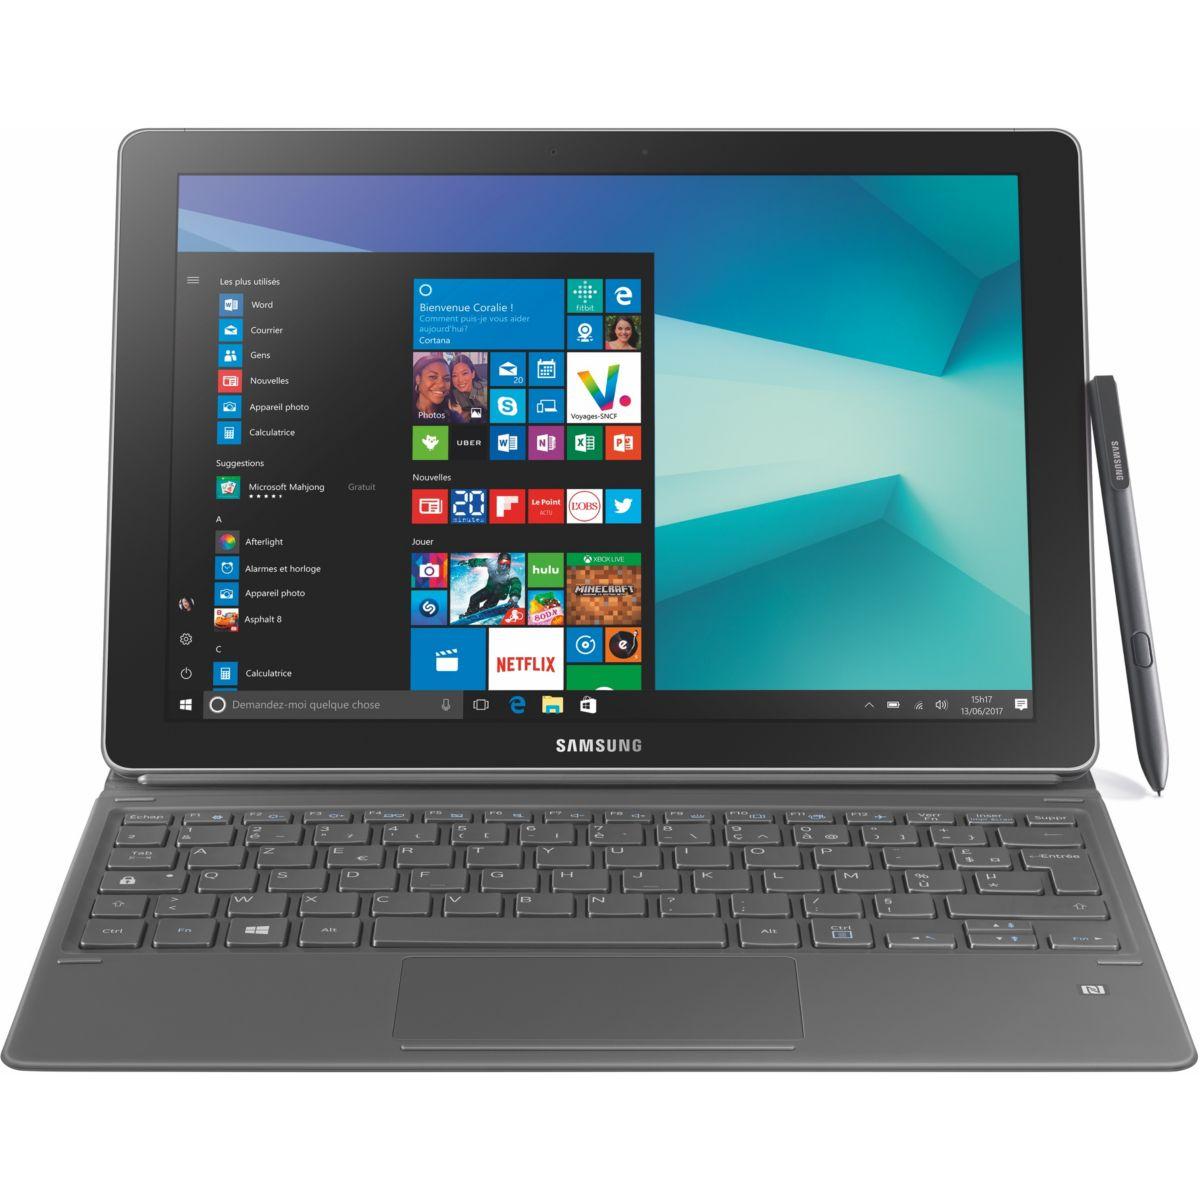 PC Hybride SAMSUNG Galaxy Book 12.0 4G LTE i5 8Go 256Go